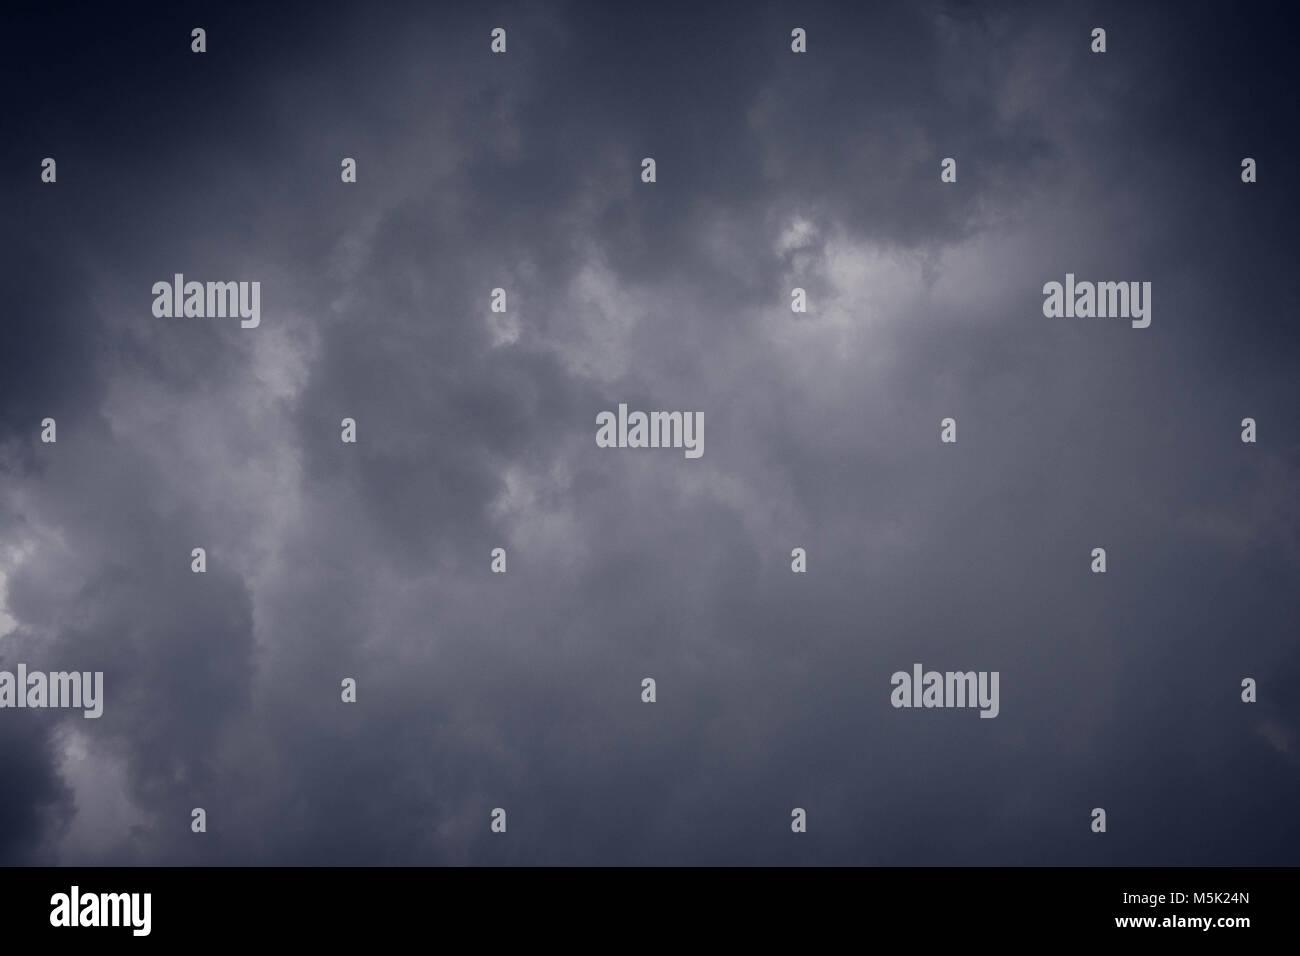 Résumé fond de nuage sombre de tempête Photo Stock